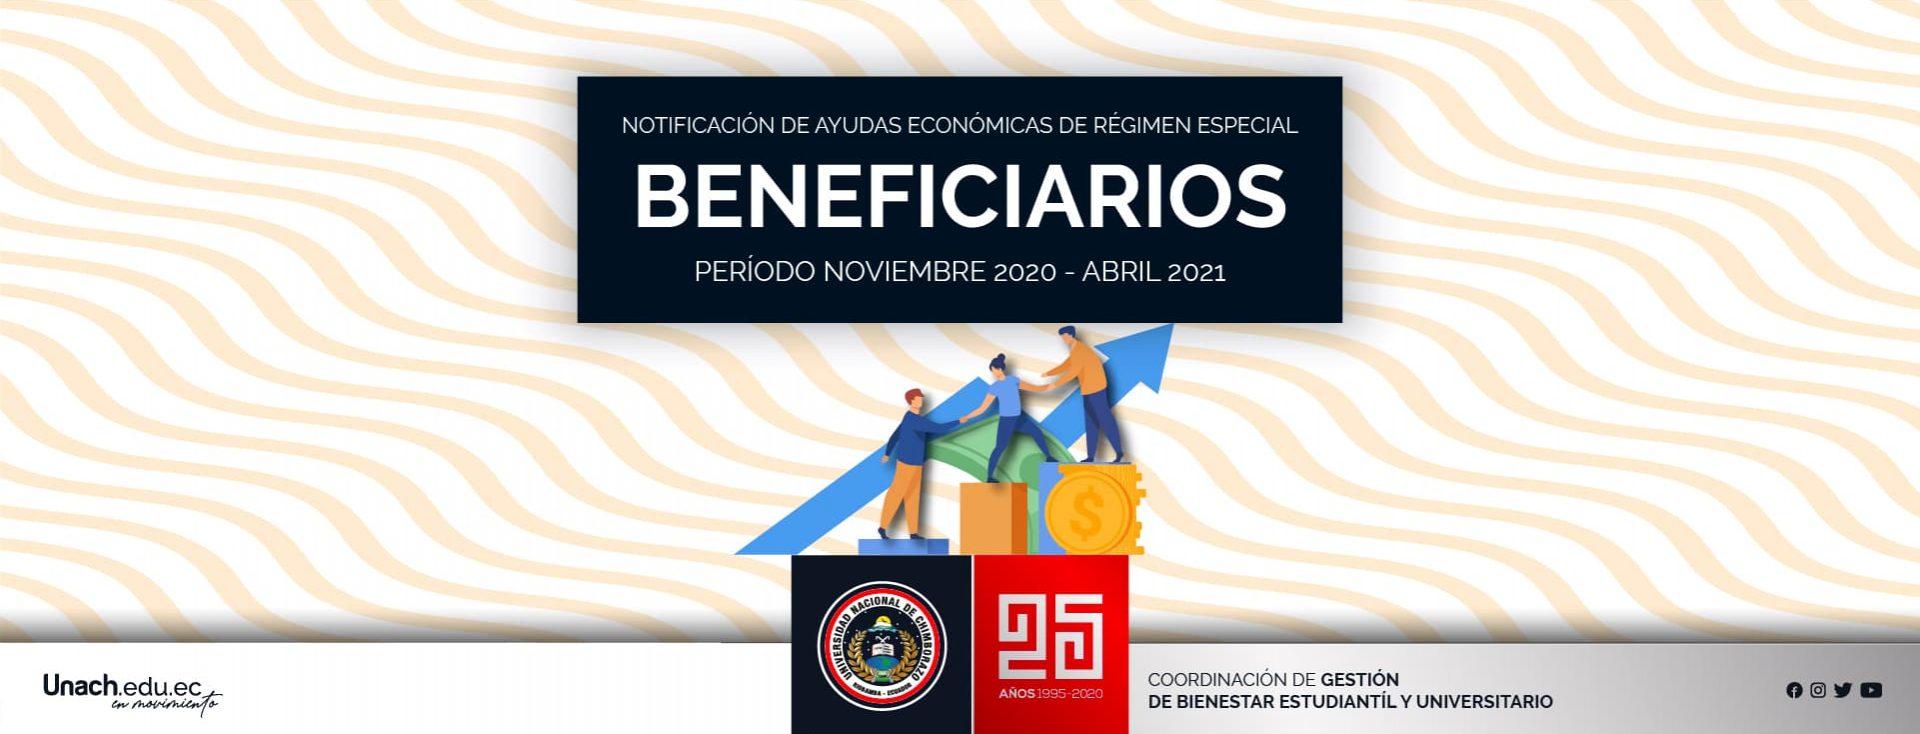 NOTIFICACIÓN DE AYUDAS ECONOMICAS DE REGIMEN ESPECIAL NOVIEMBRE 2020-ABRIL 2021